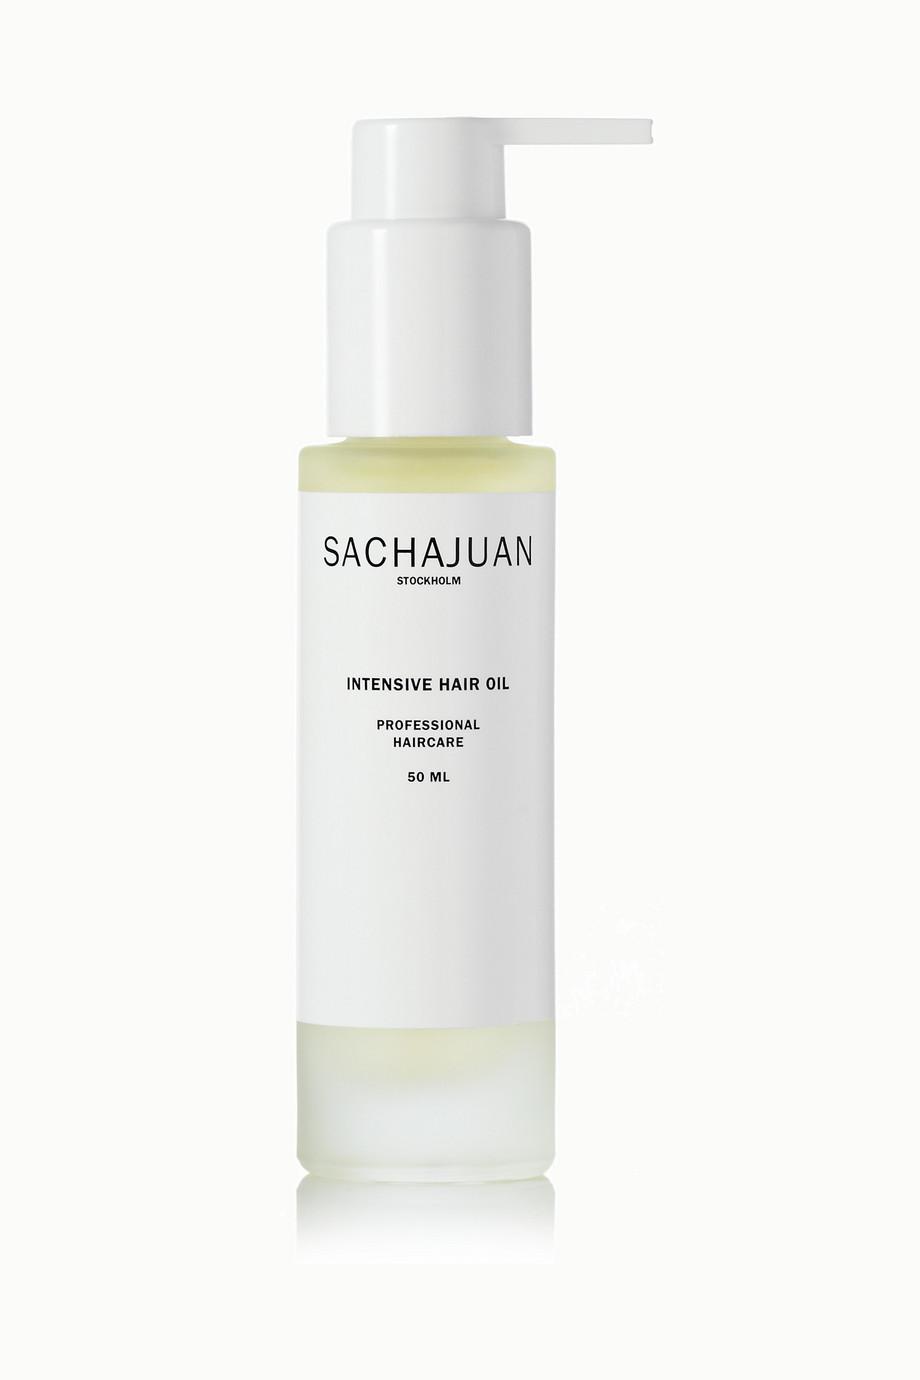 SACHAJUAN Intensive Hair Oil, 50ml – Haaröl